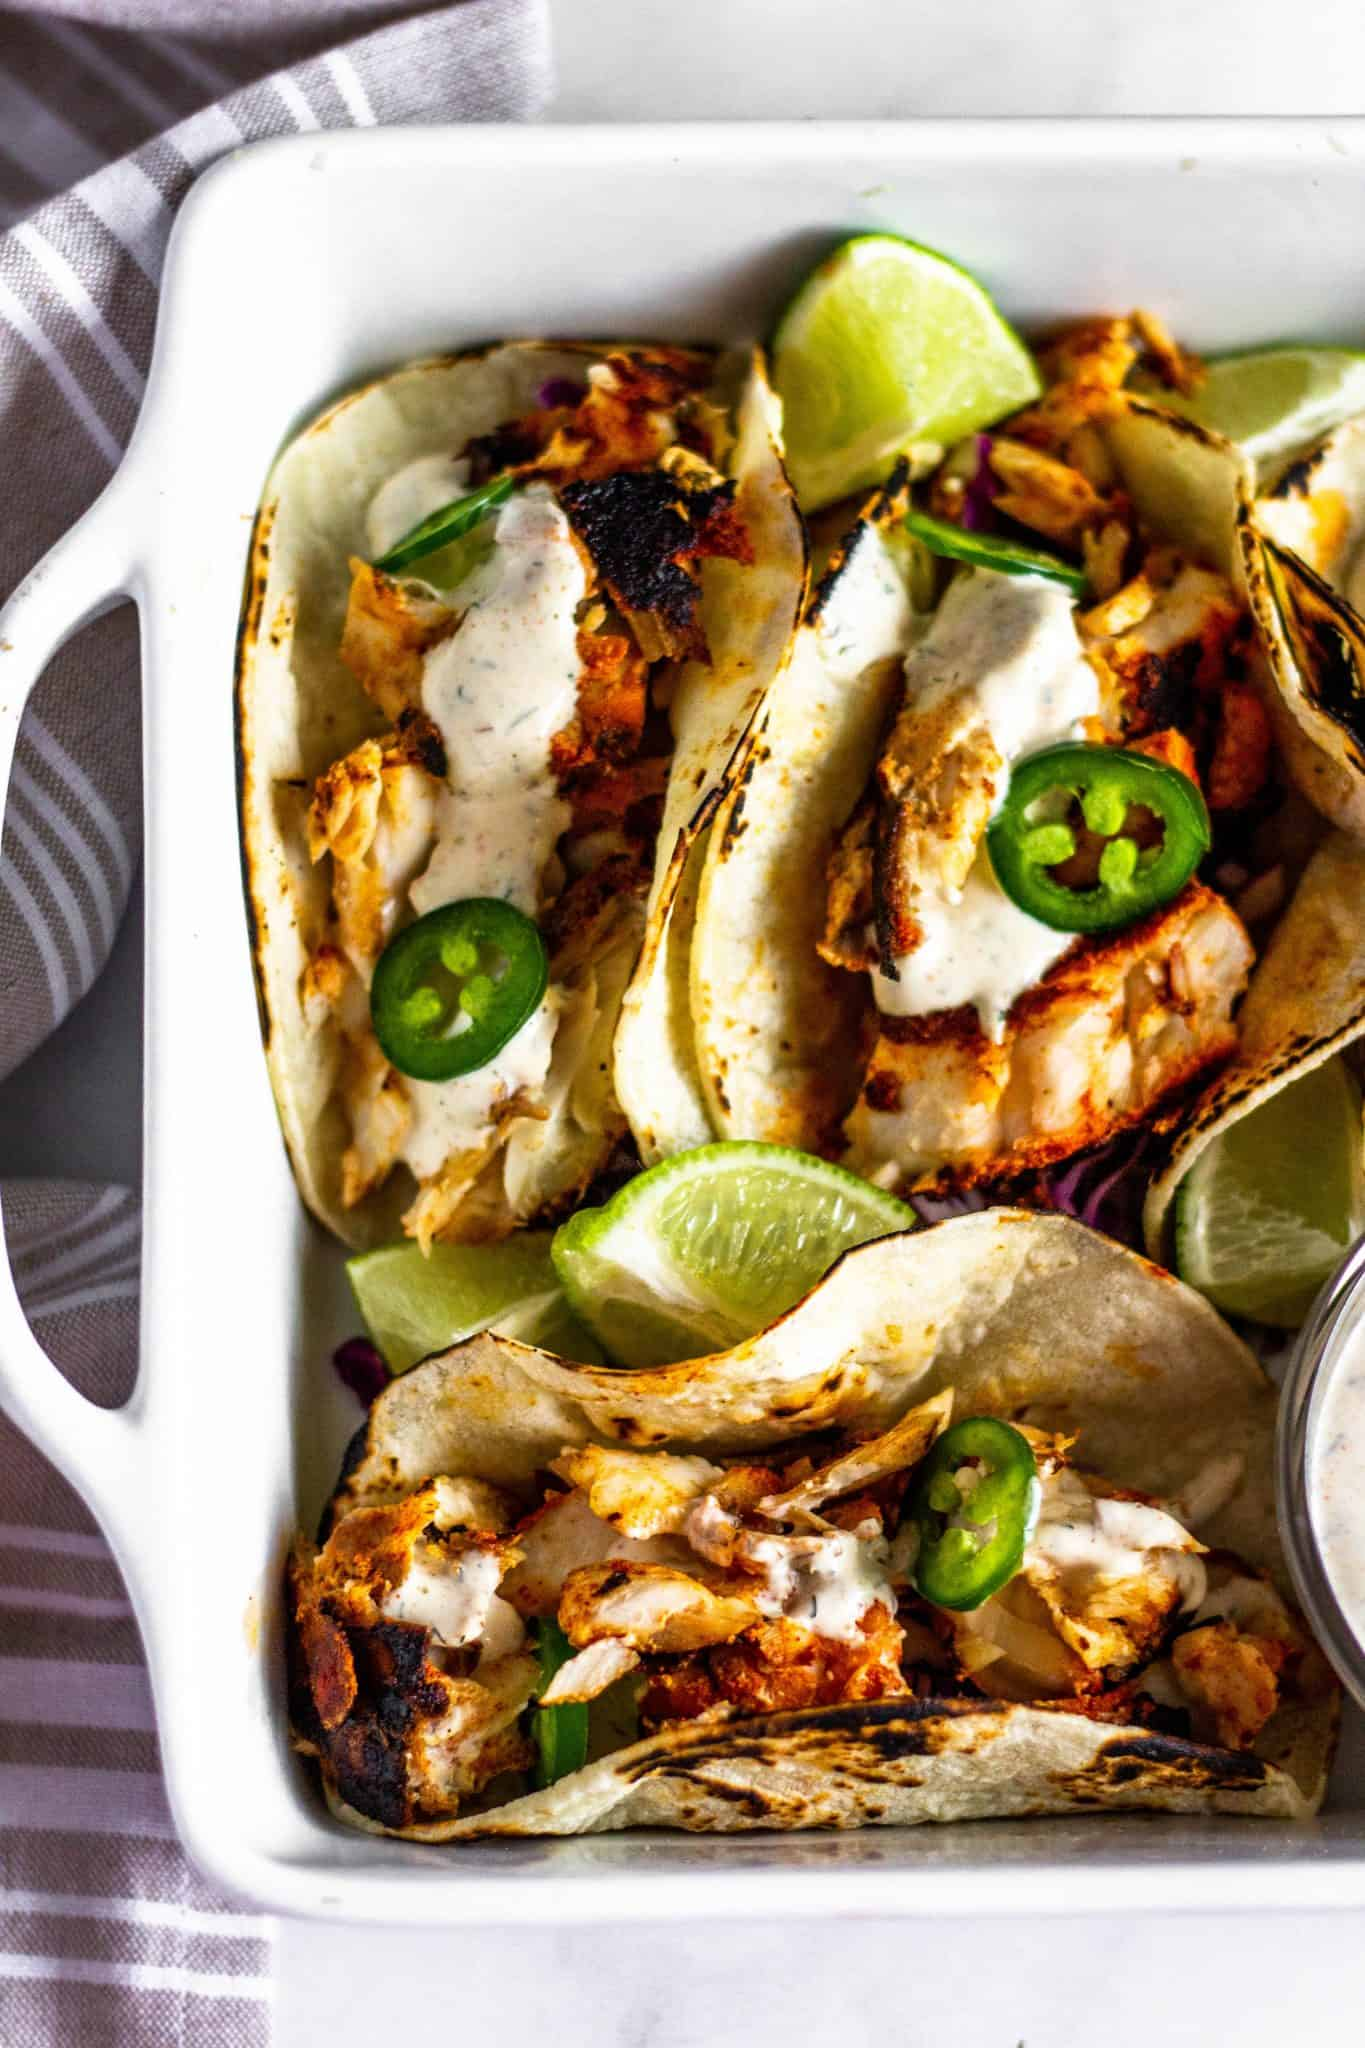 Low FODMAP Fish Tacos #lowfodmaprecipe #tararochfordnutrition